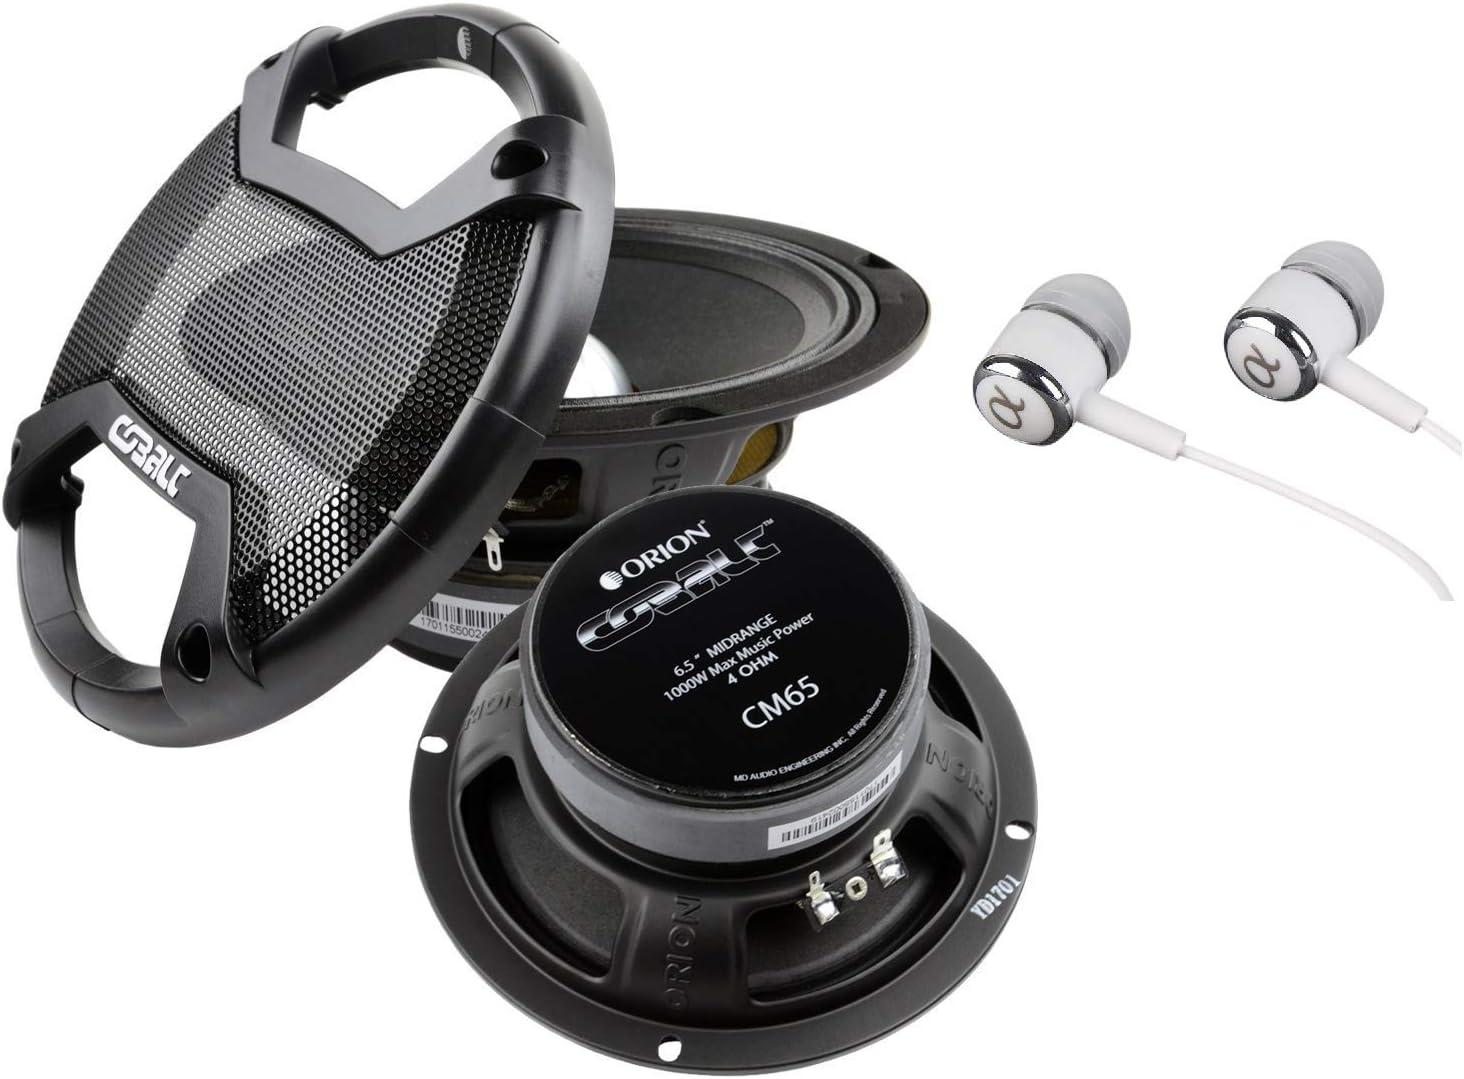 New Pair Of Orion Cobalt Cm65 1000 Watt 4-Ohm Loud Car Audio High Efficiency Mid-Range Speakers